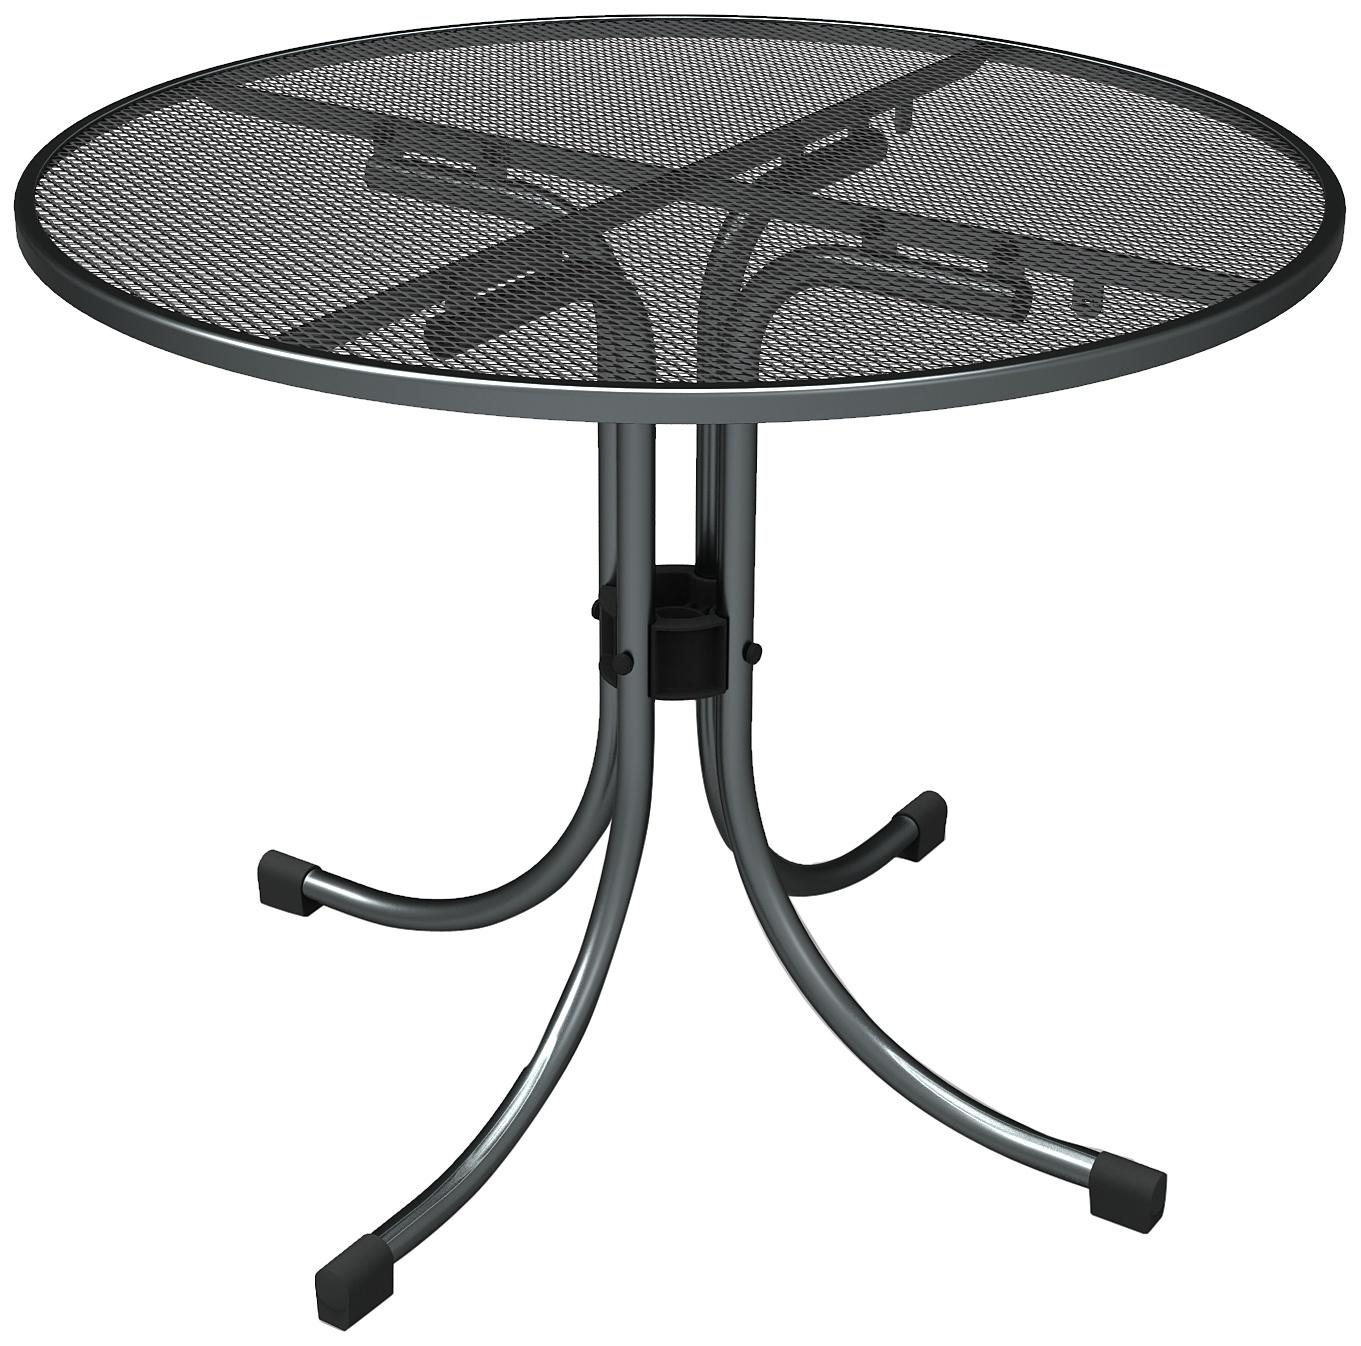 MWH Das Original 879508 runder Tisch bestellen